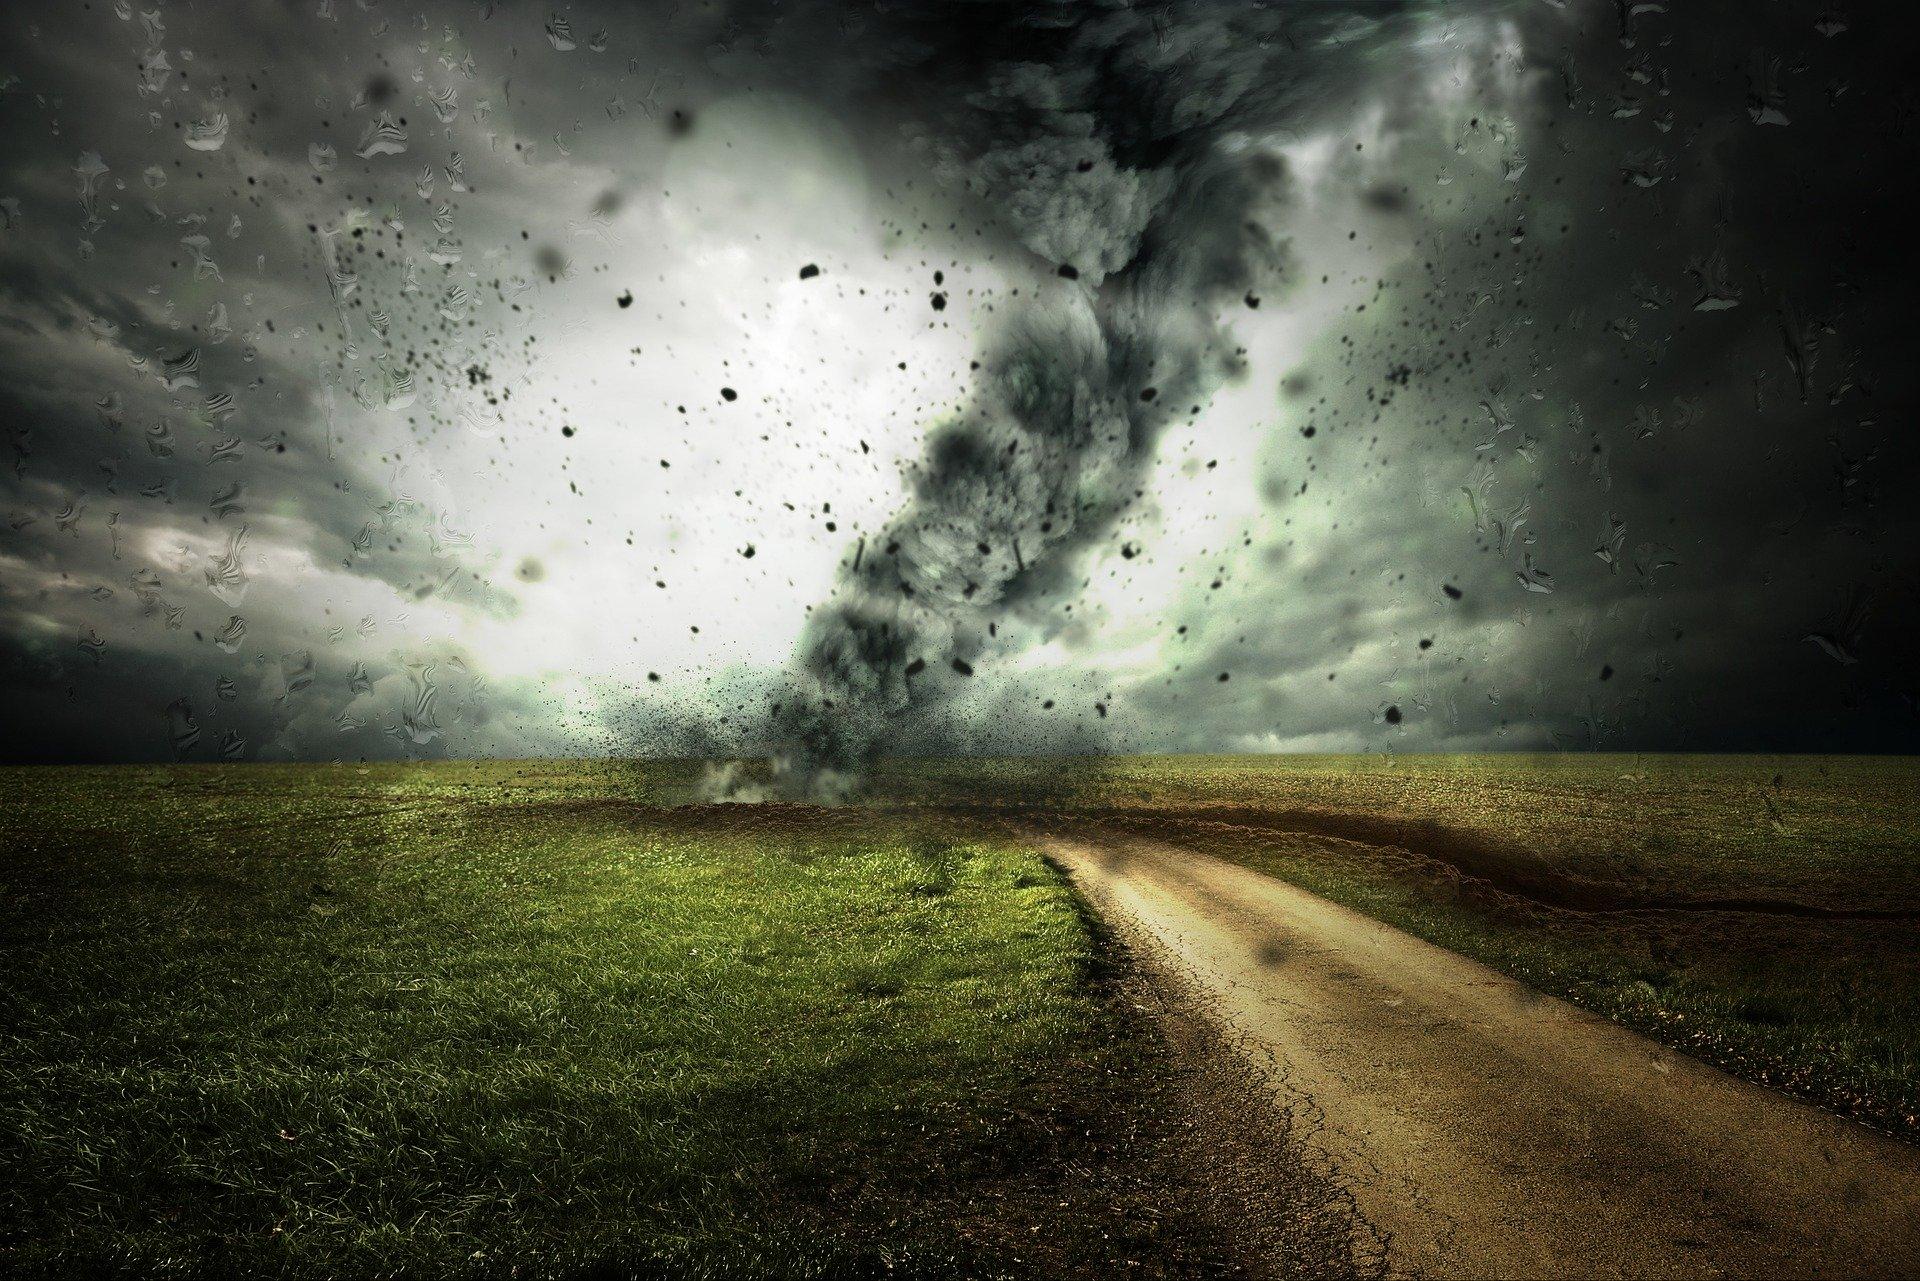 Ostrzeżenie pogodowe także dla Chocianowa